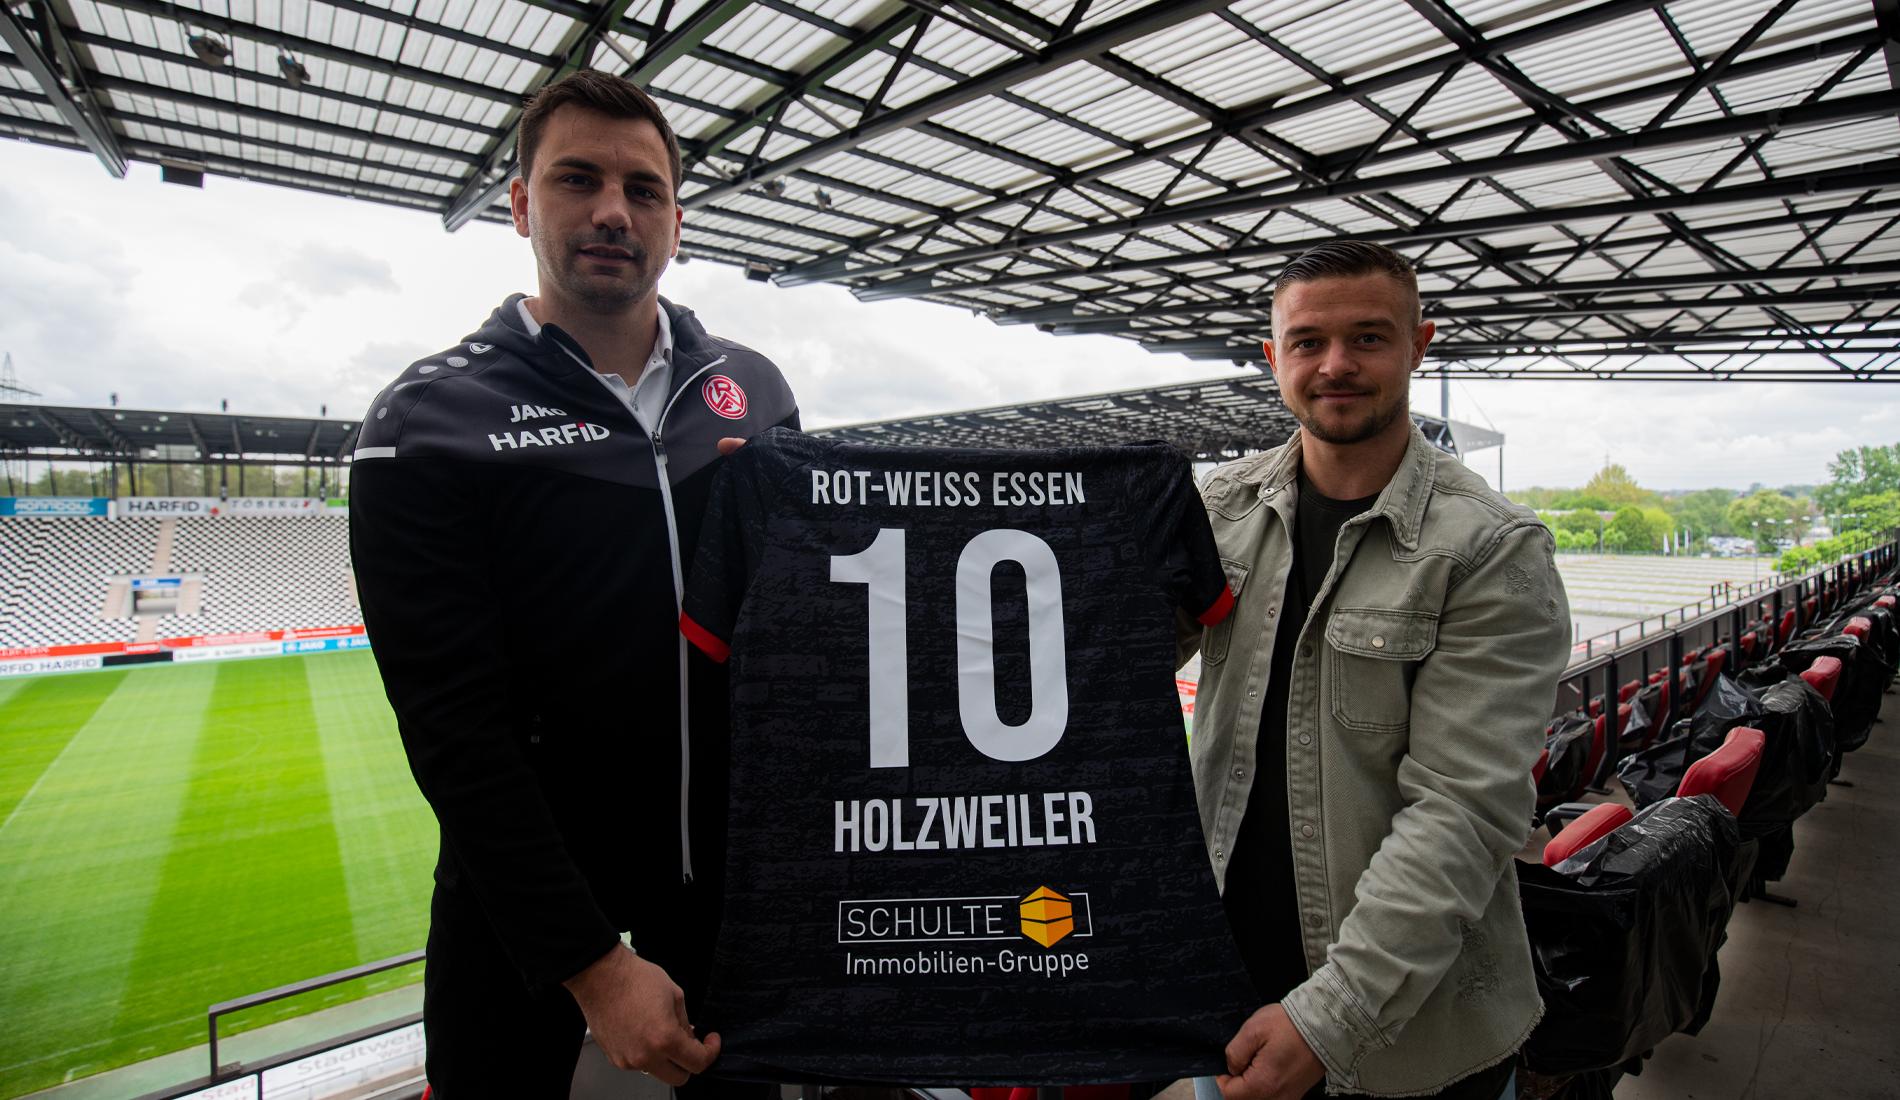 """Kevin Holzweiler: """"Fühlt sich nicht nach Regionalliga an"""" – Rot-Weiss Essen"""